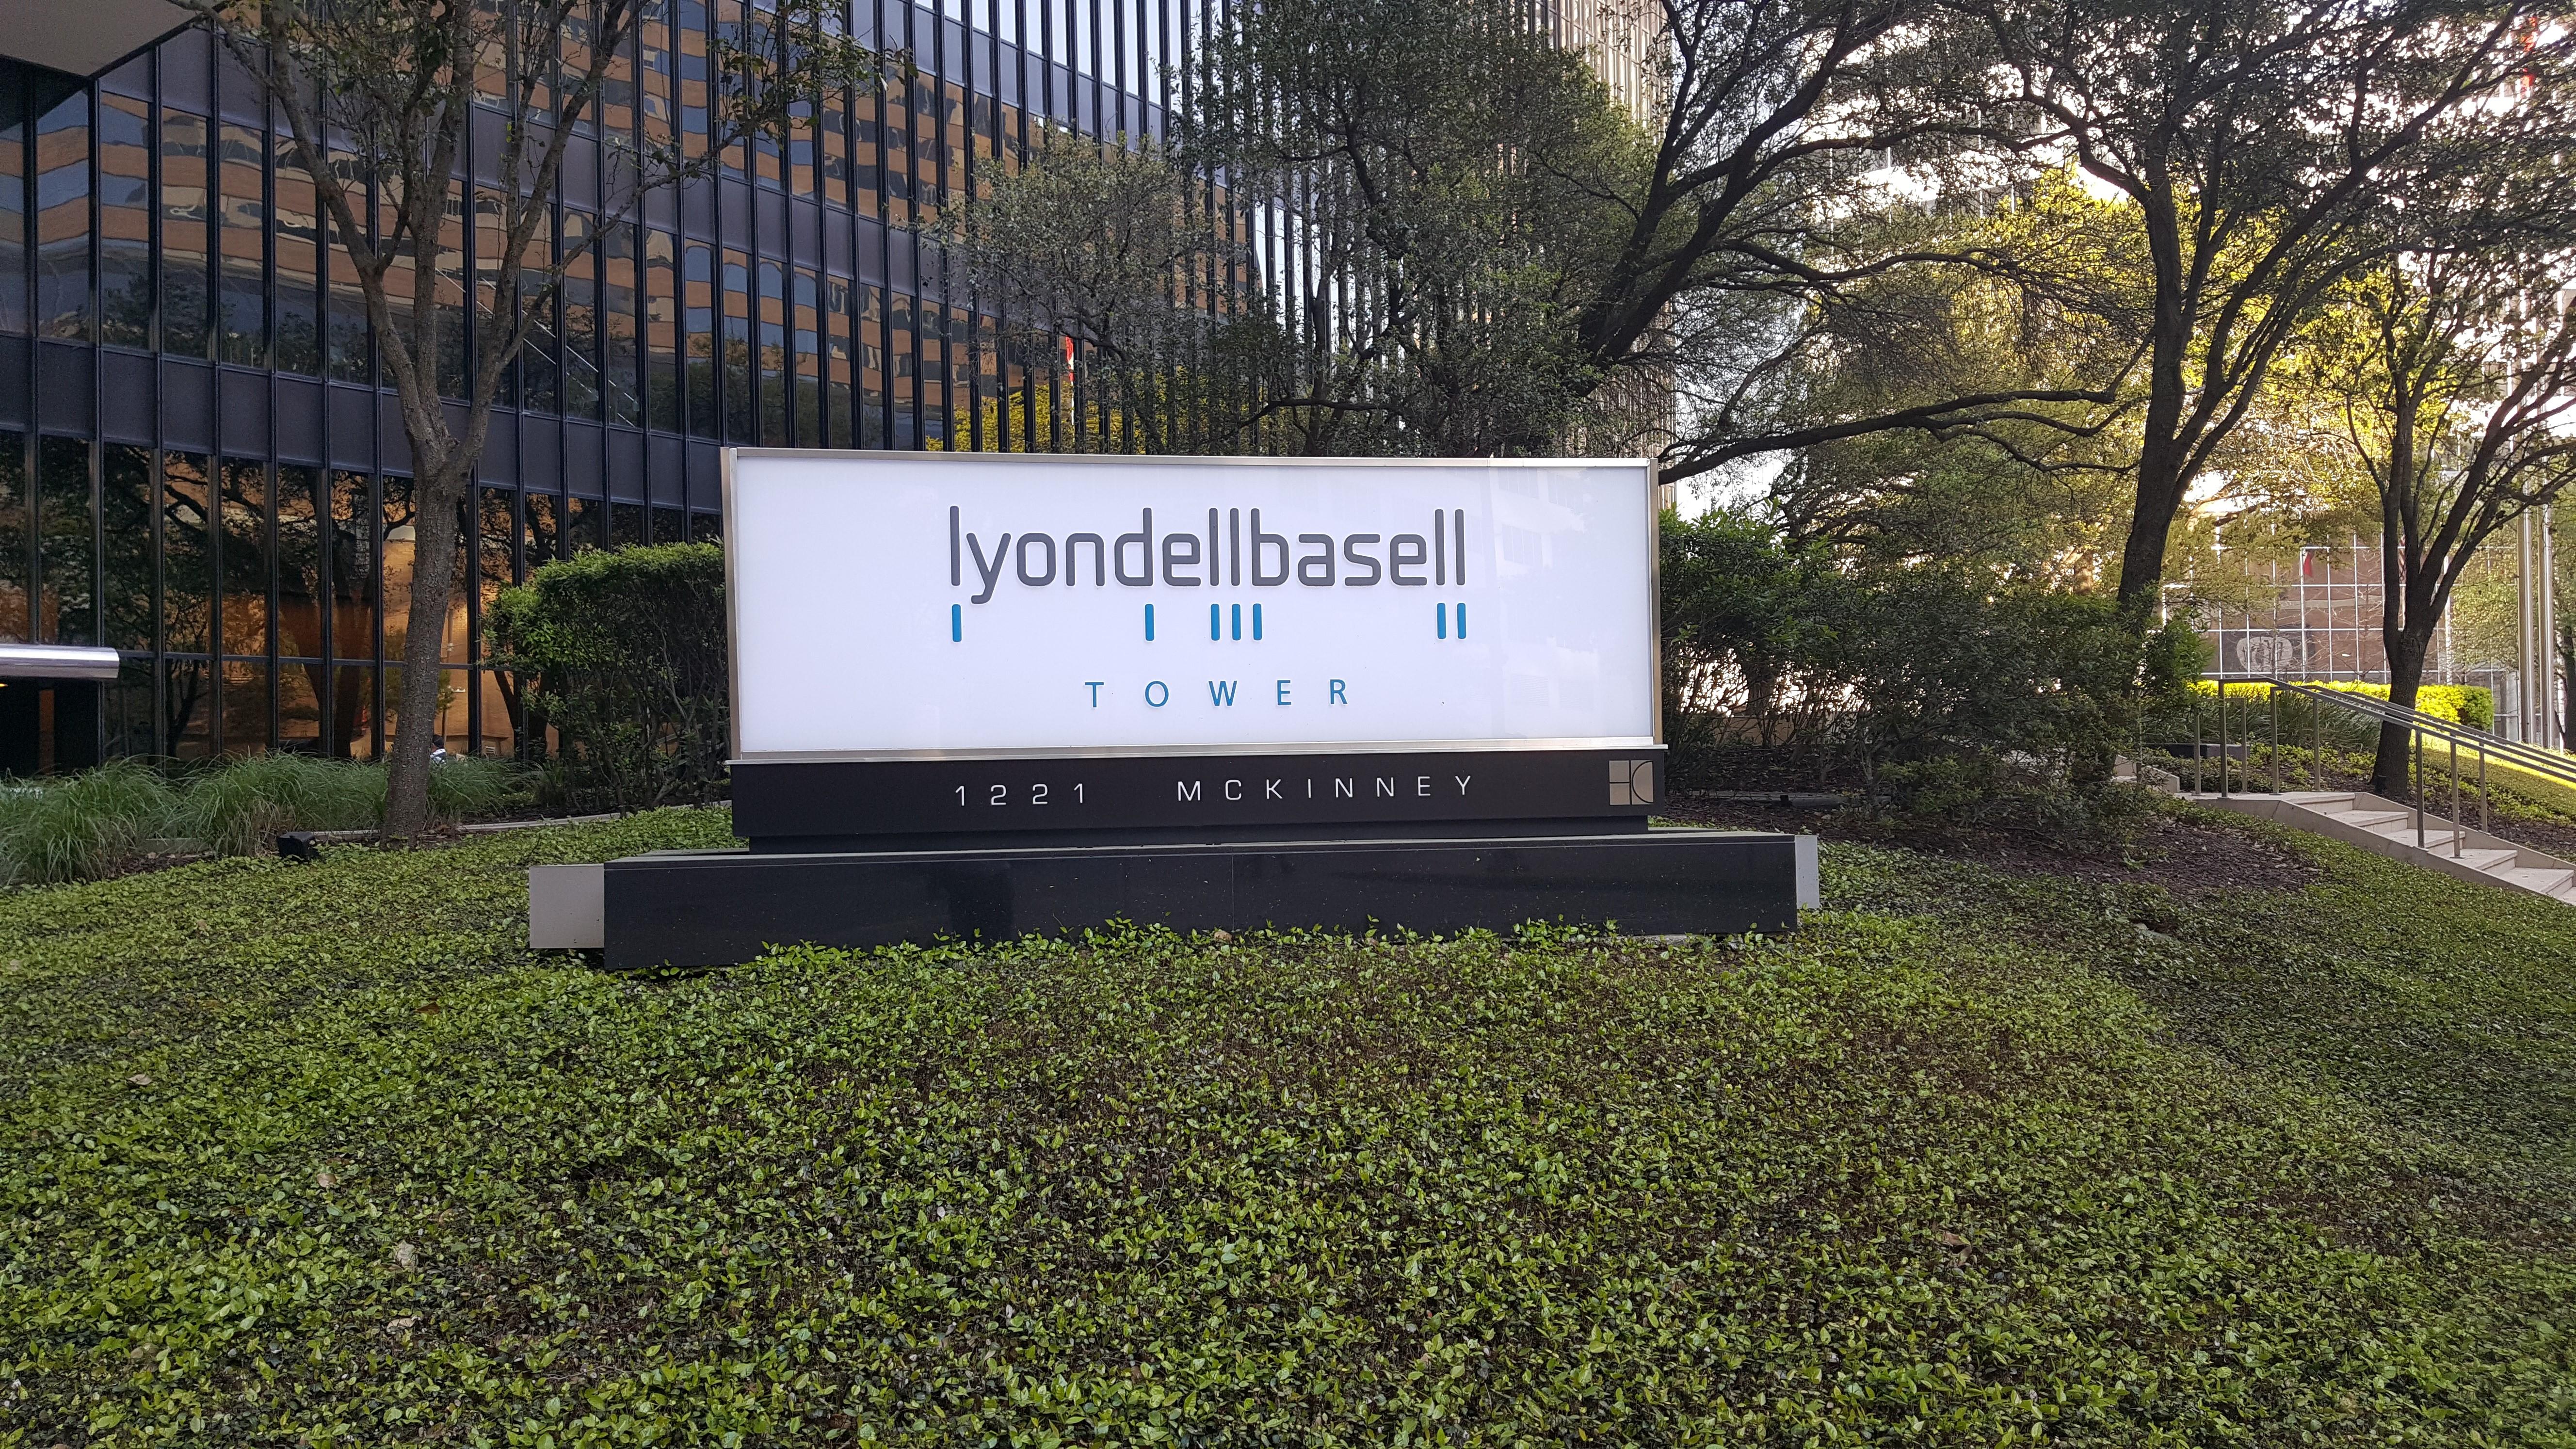 LyondellBasell - Wikipedia